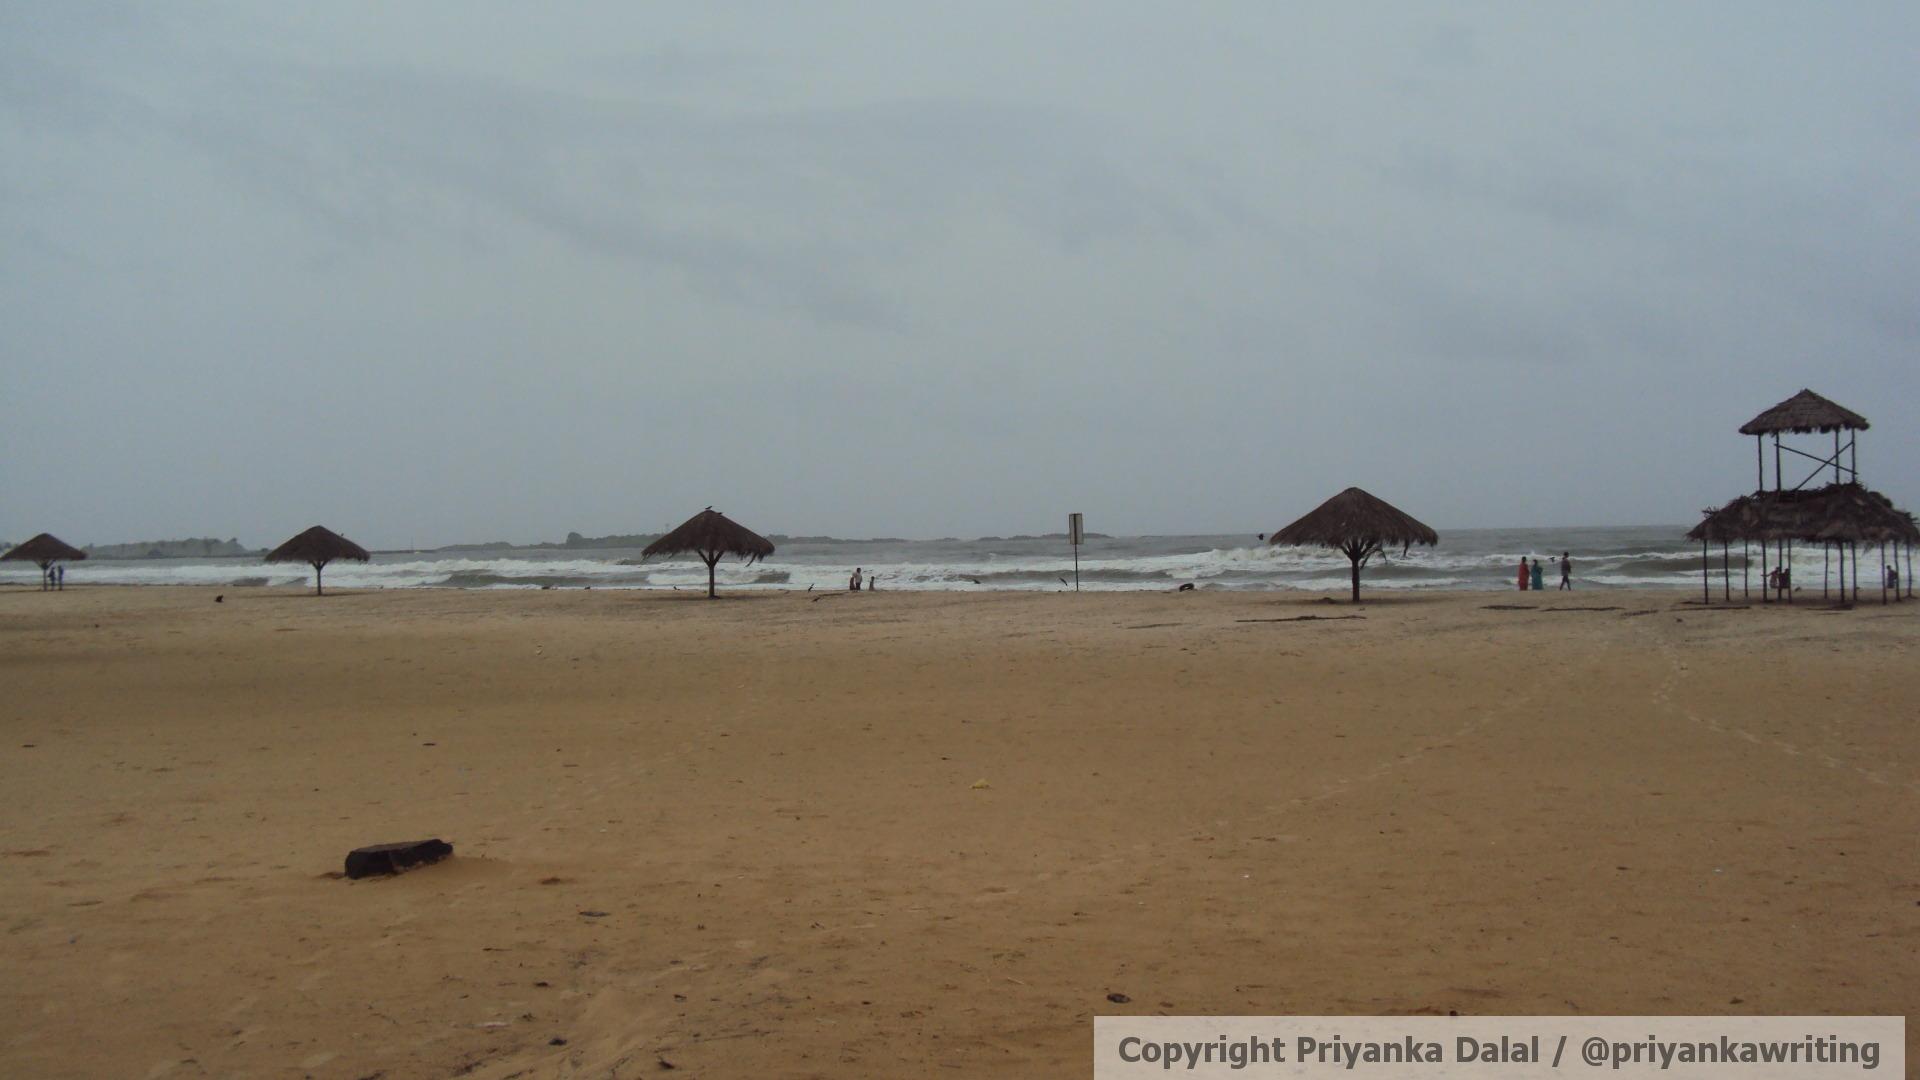 Udupi & the nearby Malpe Beach of Tulu Land, Karnataka.